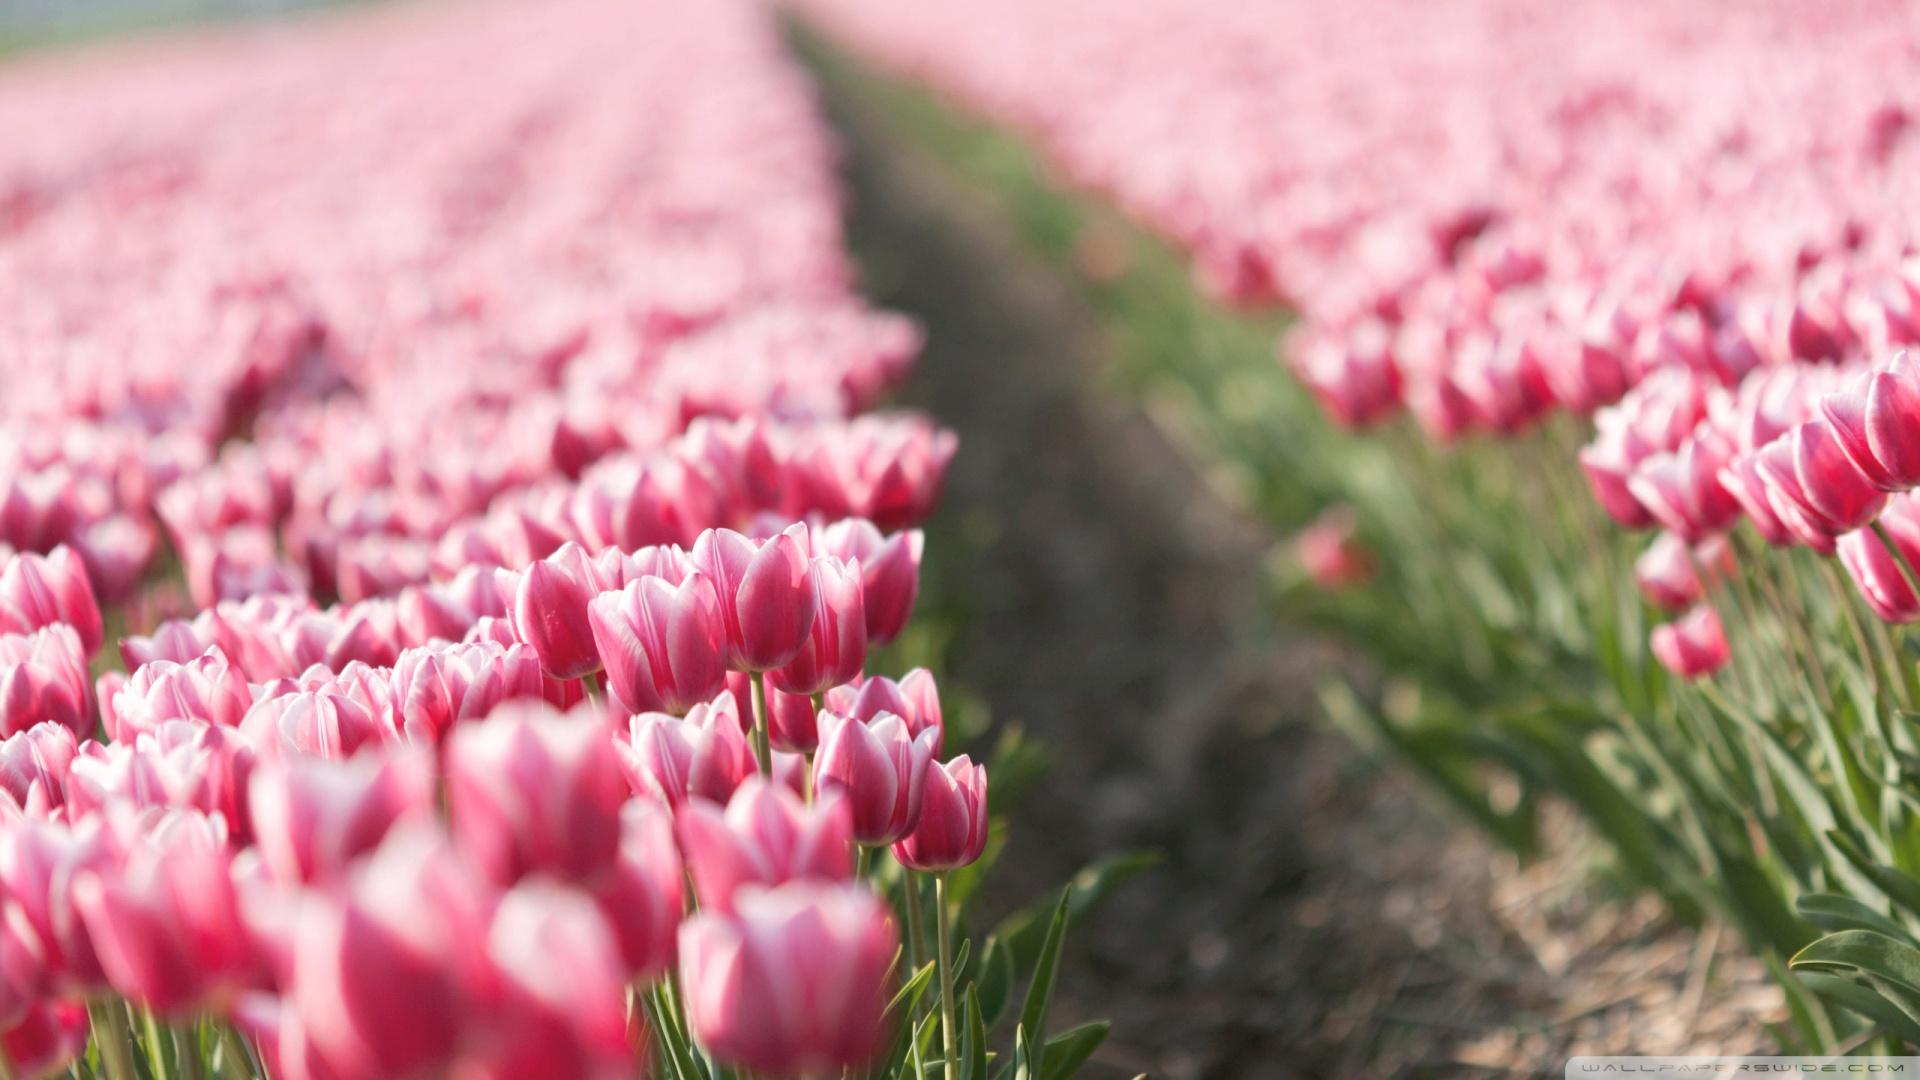 Pink Tulips Wallpaper Iphone Pink tulip field 2 wallpaper 1920x1080